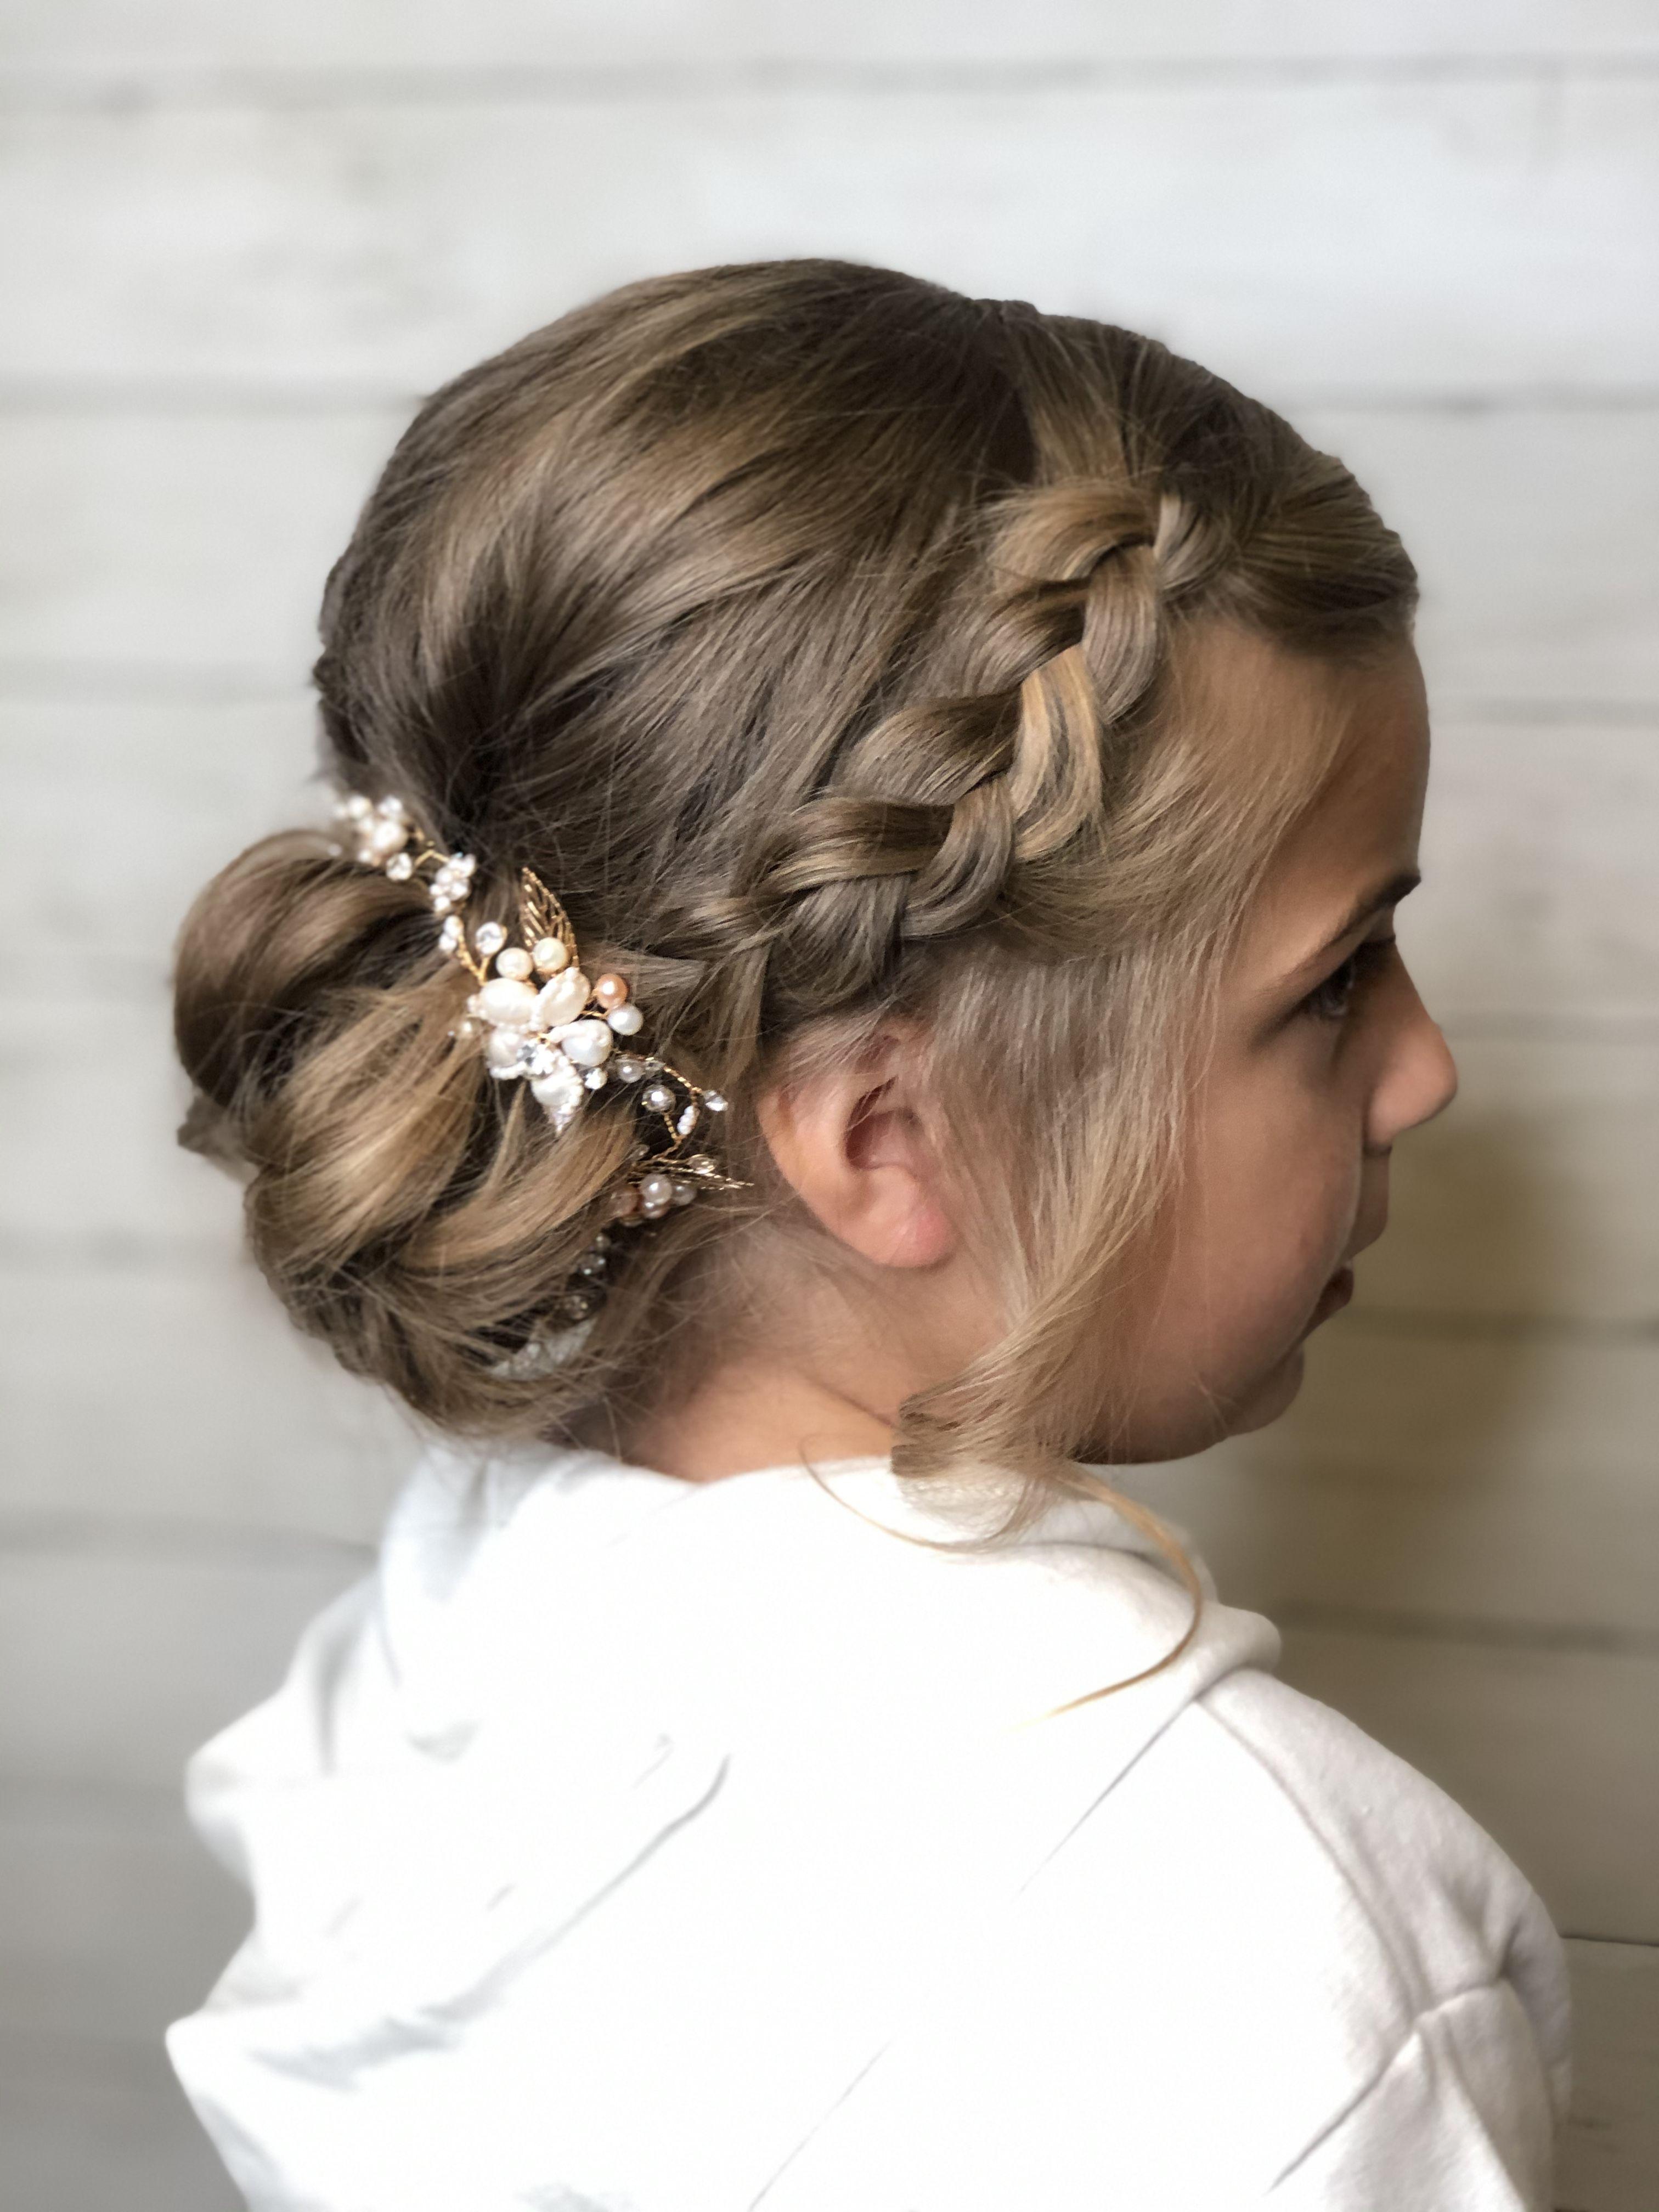 Flower Girl Hair Flower Girl Hairstyles Updo Flower Girl Hairstyles Girls Updo Hairstyles